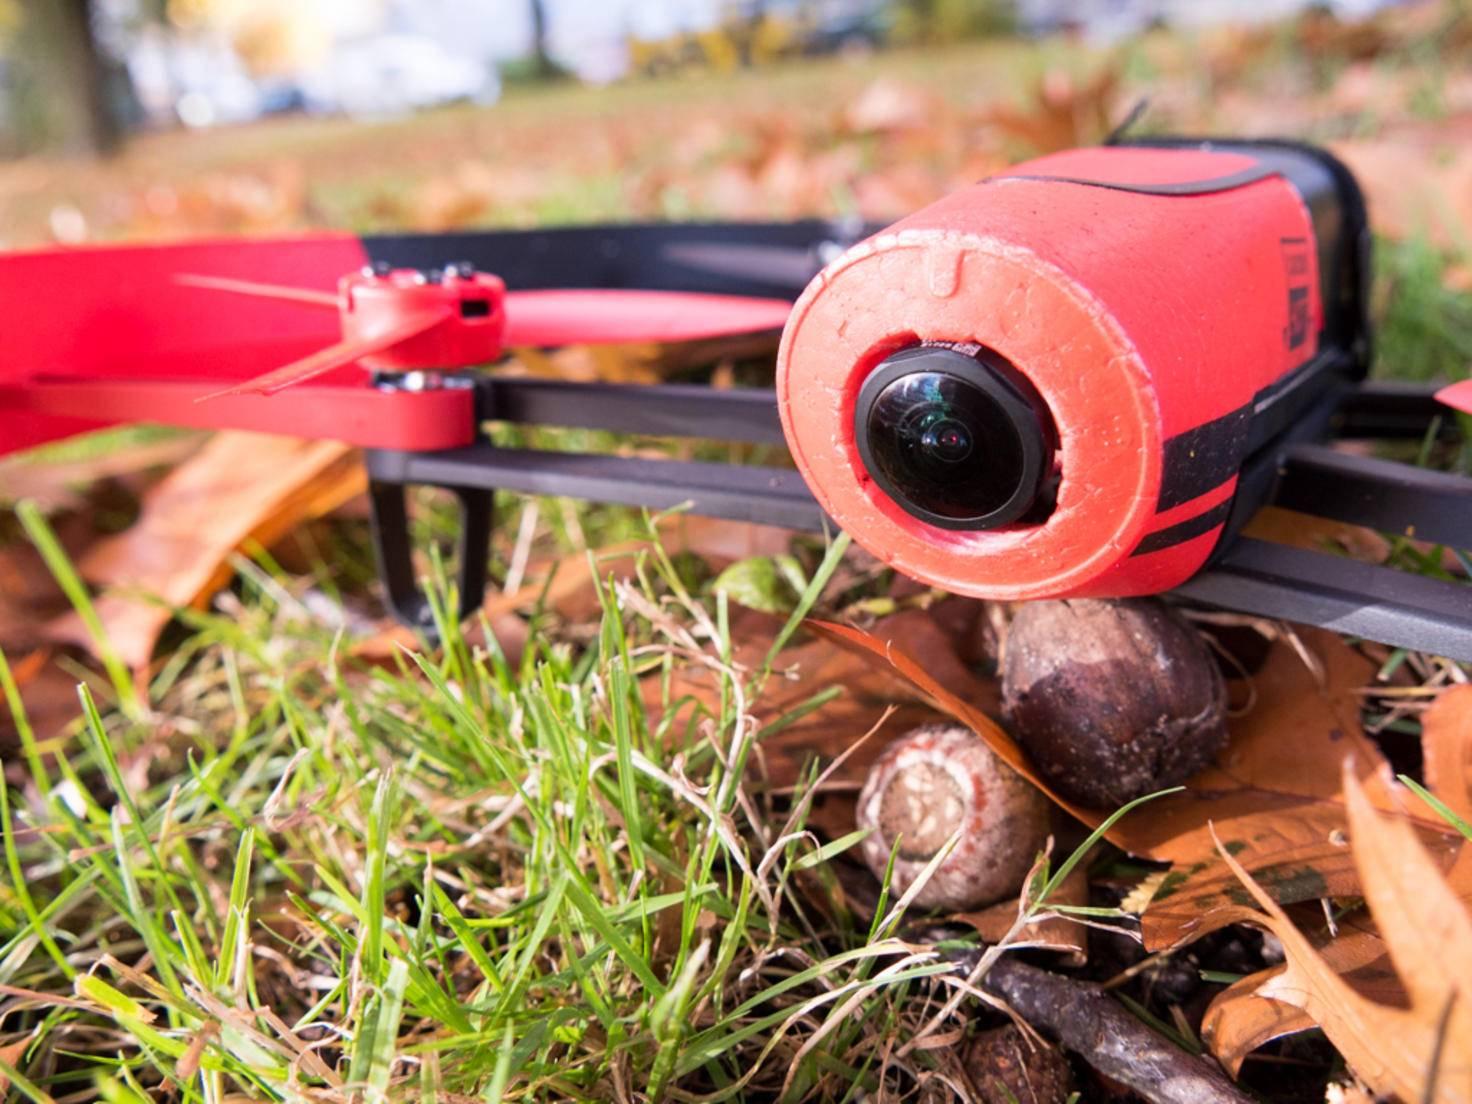 Die Kamera der Drohne filmt Videos in Full HD.